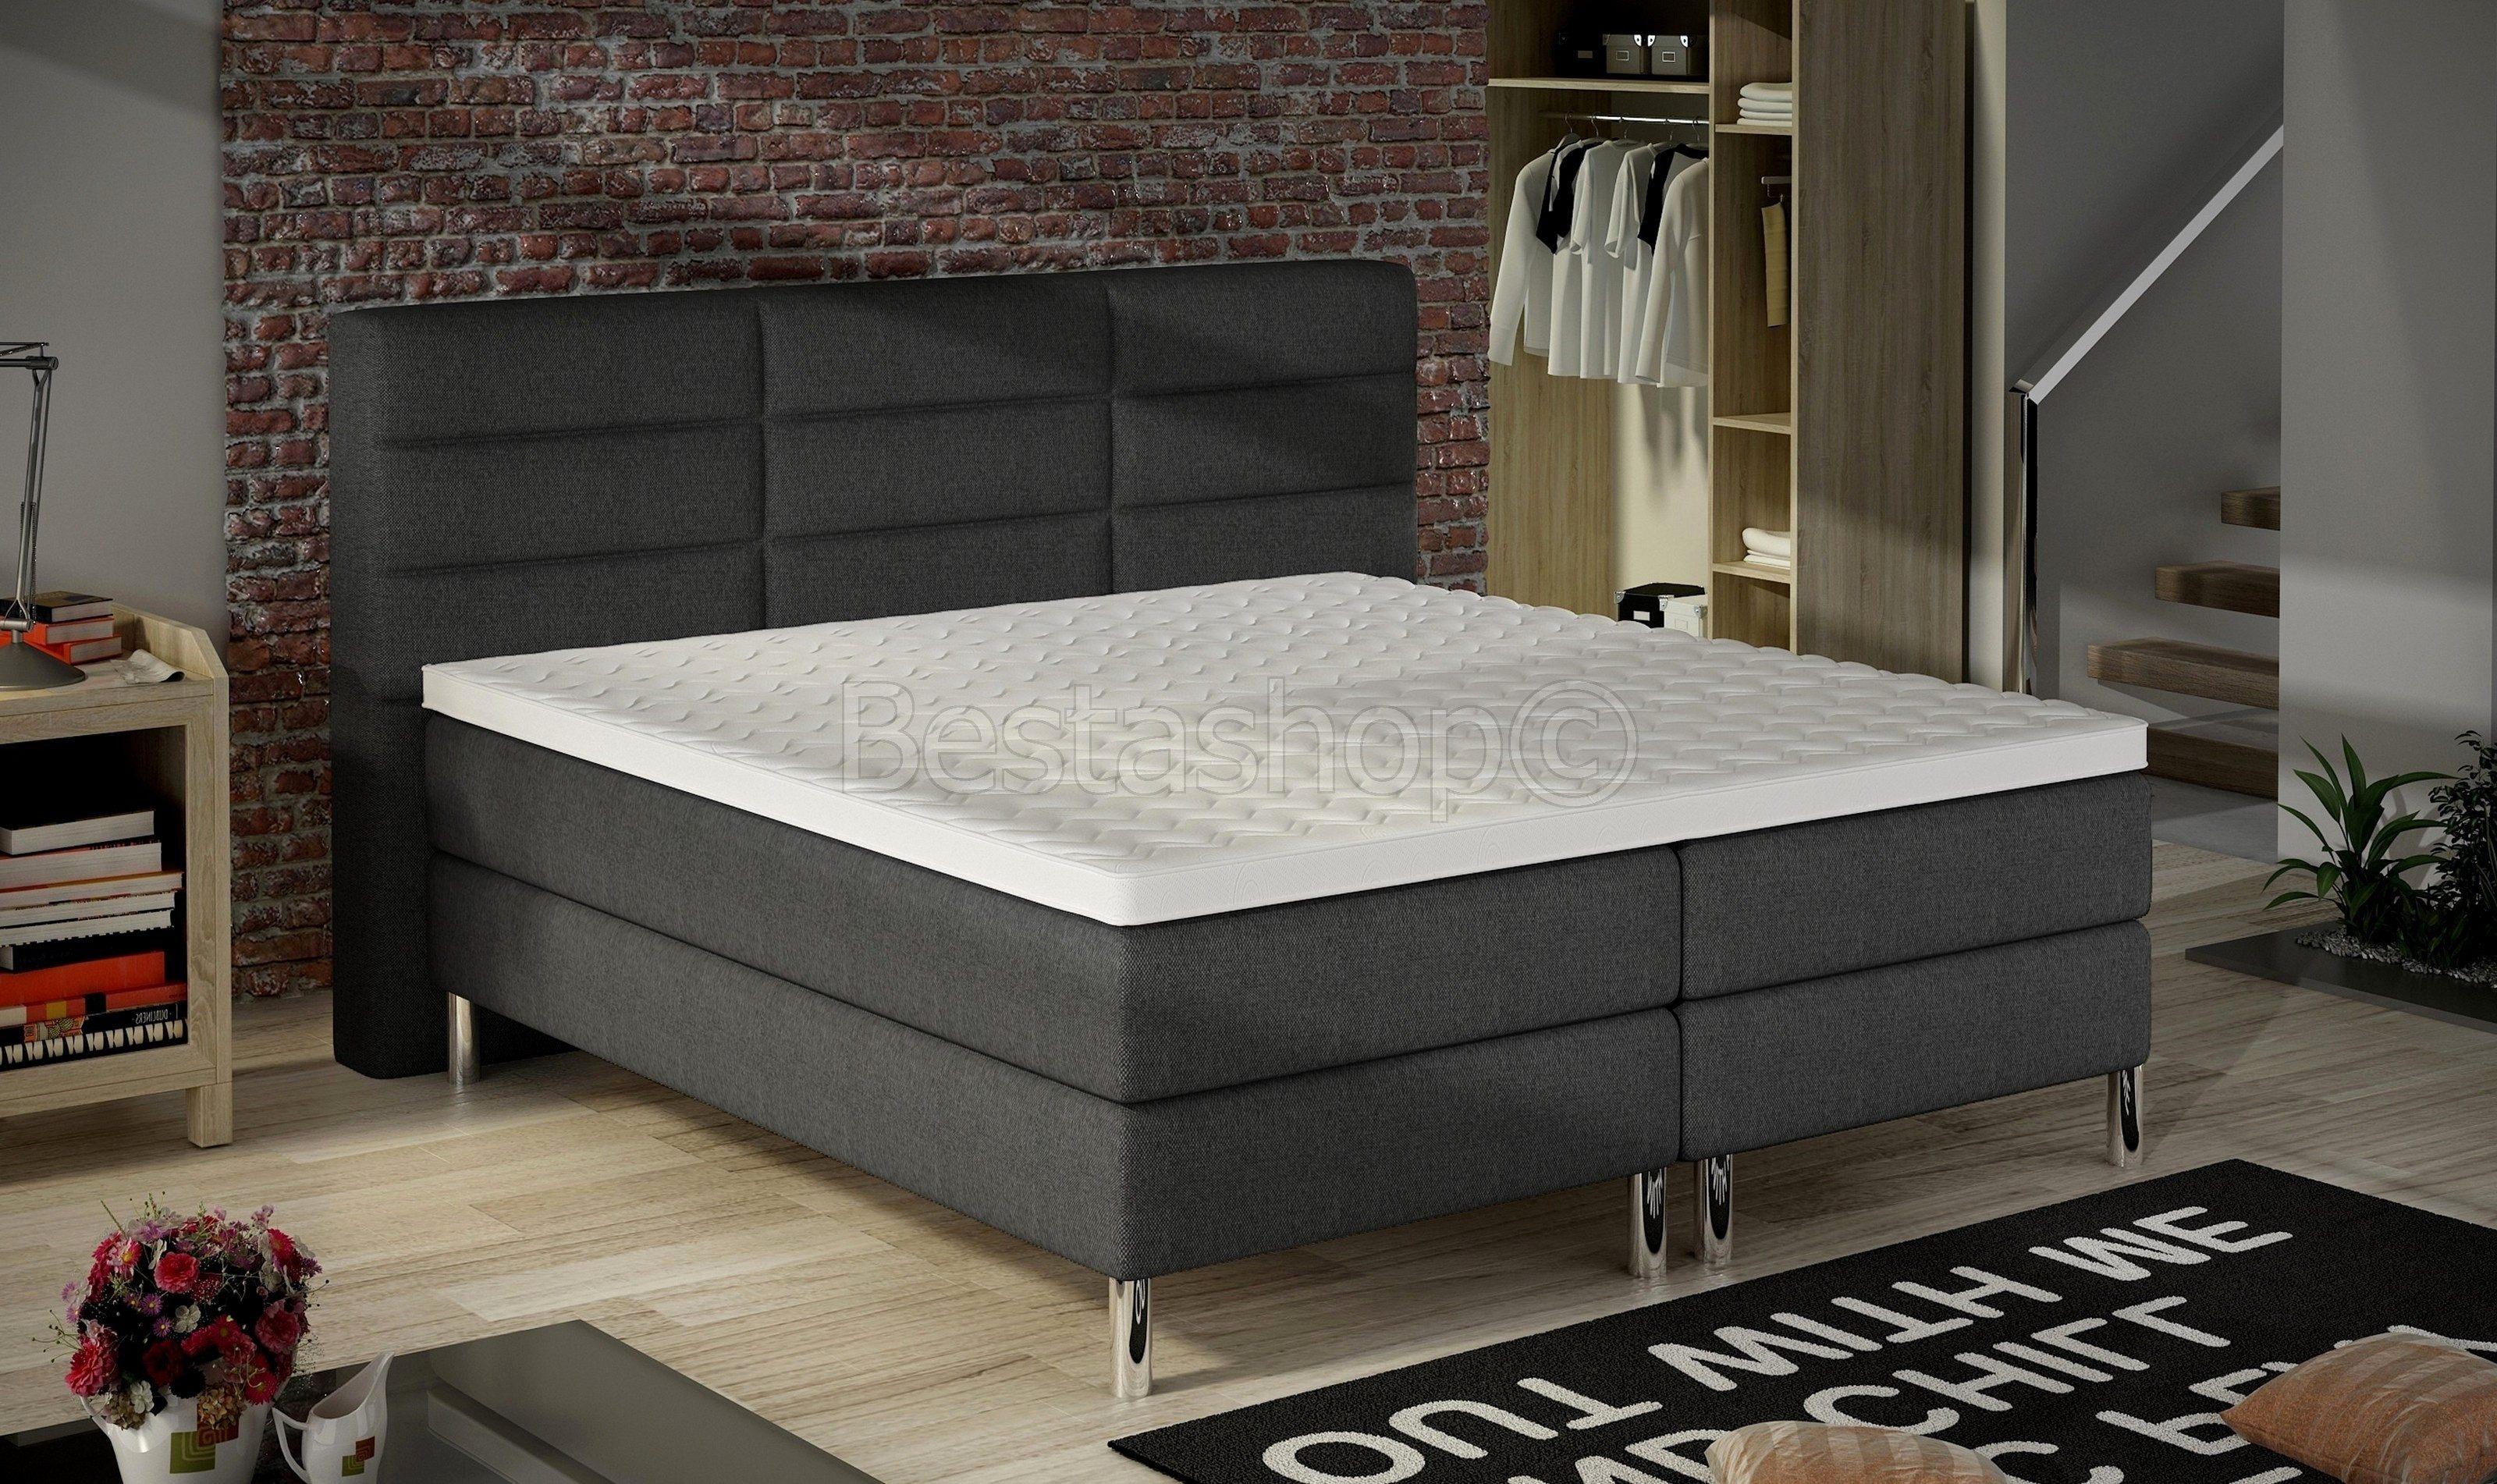 Lit En Bois 160×200 Inspirant Lit Design 160—200 Prodigous Image Tate De Lit Bois Ikea Lit 160—200